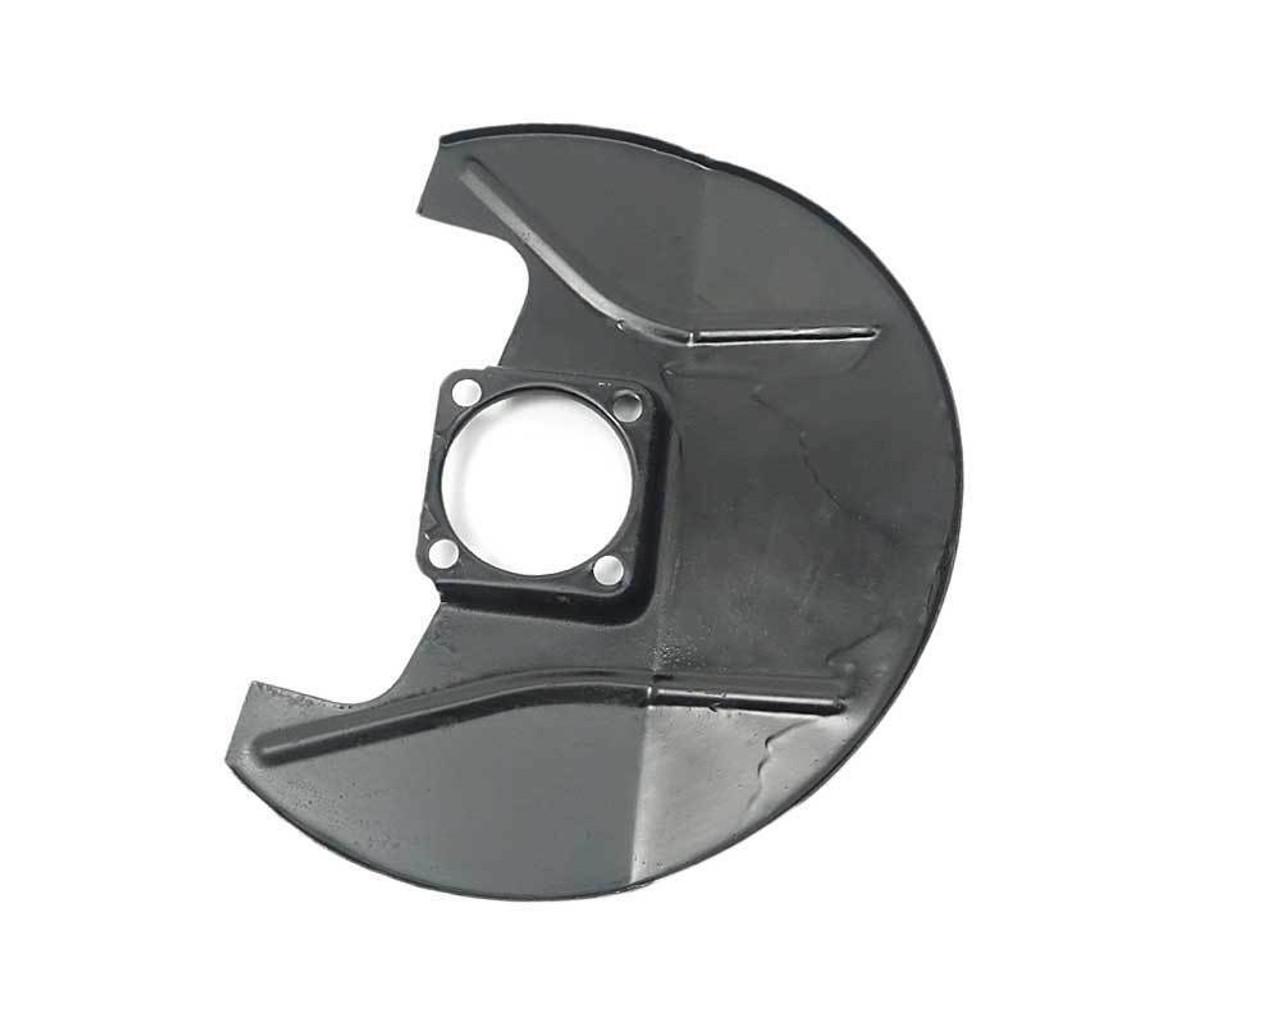 Front Left Brake Dust Shield - 1972-85